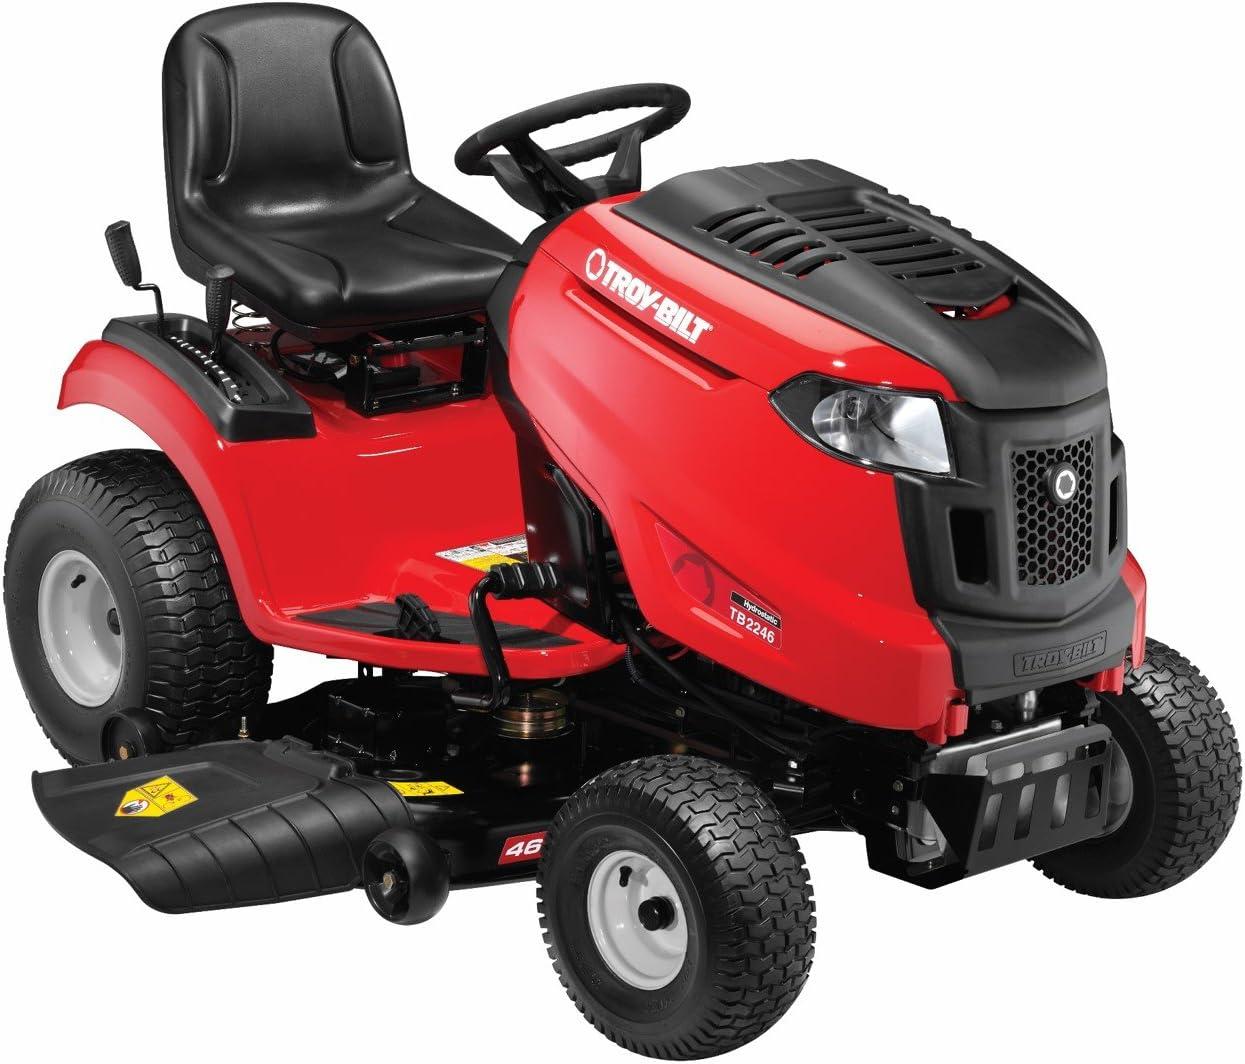 Riding Lawn Mowers & Tractors Troy-Bilt TB2246 22HP/656cc Twin ...